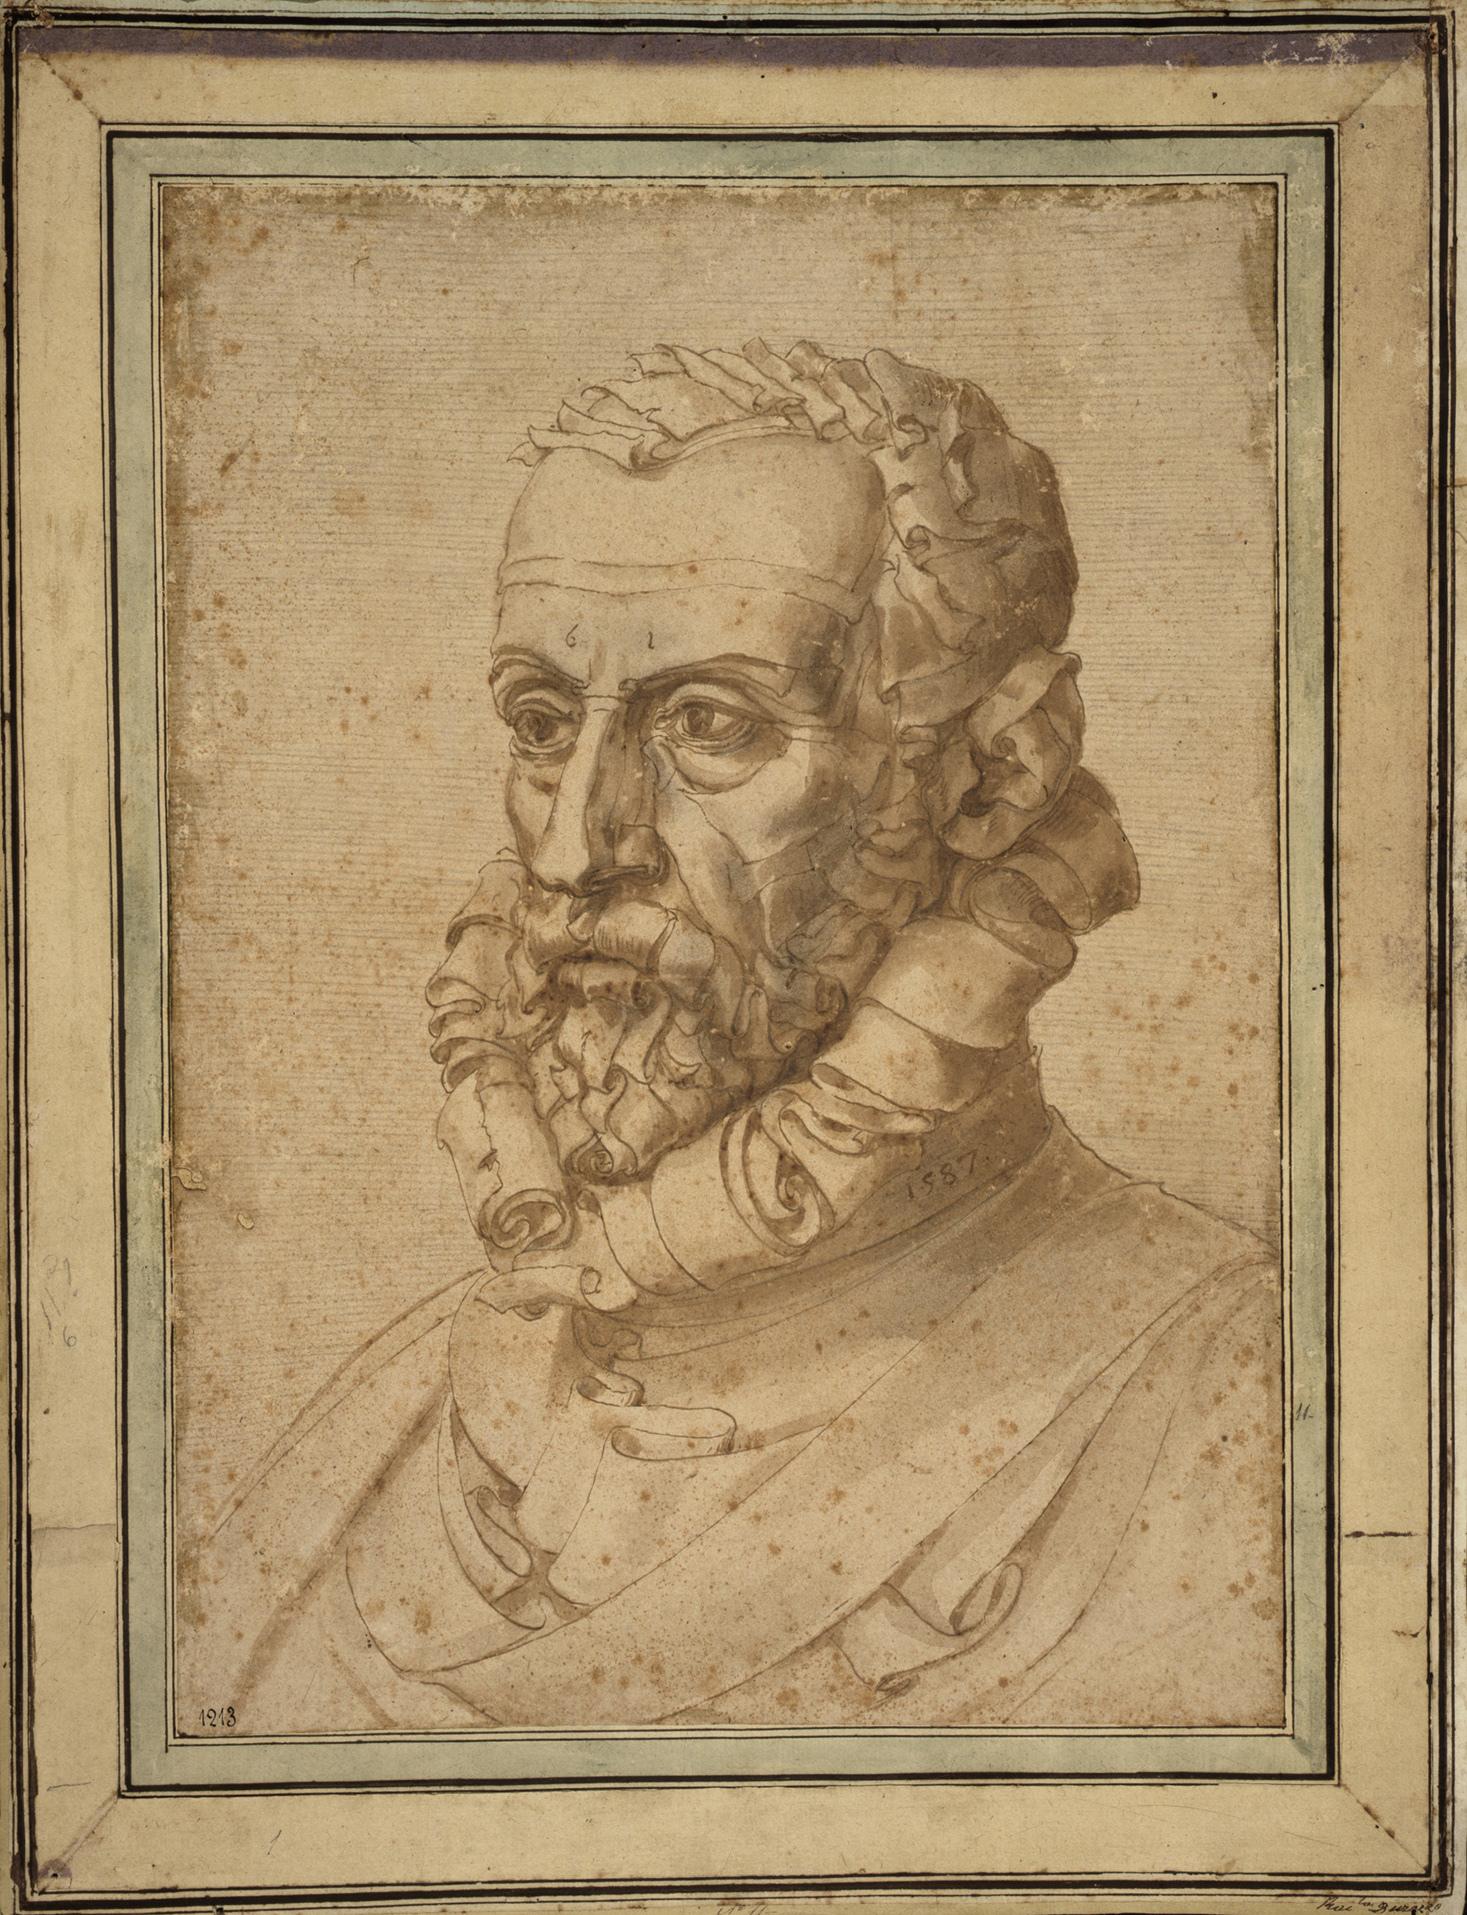 ジュゼッペ・アルチンボルド《自画像(紙の男)》 1587年 鉛筆、ペン/紙 ジェノヴァ、ストラーダ・ヌオーヴァ美術館ロッソ宮蔵